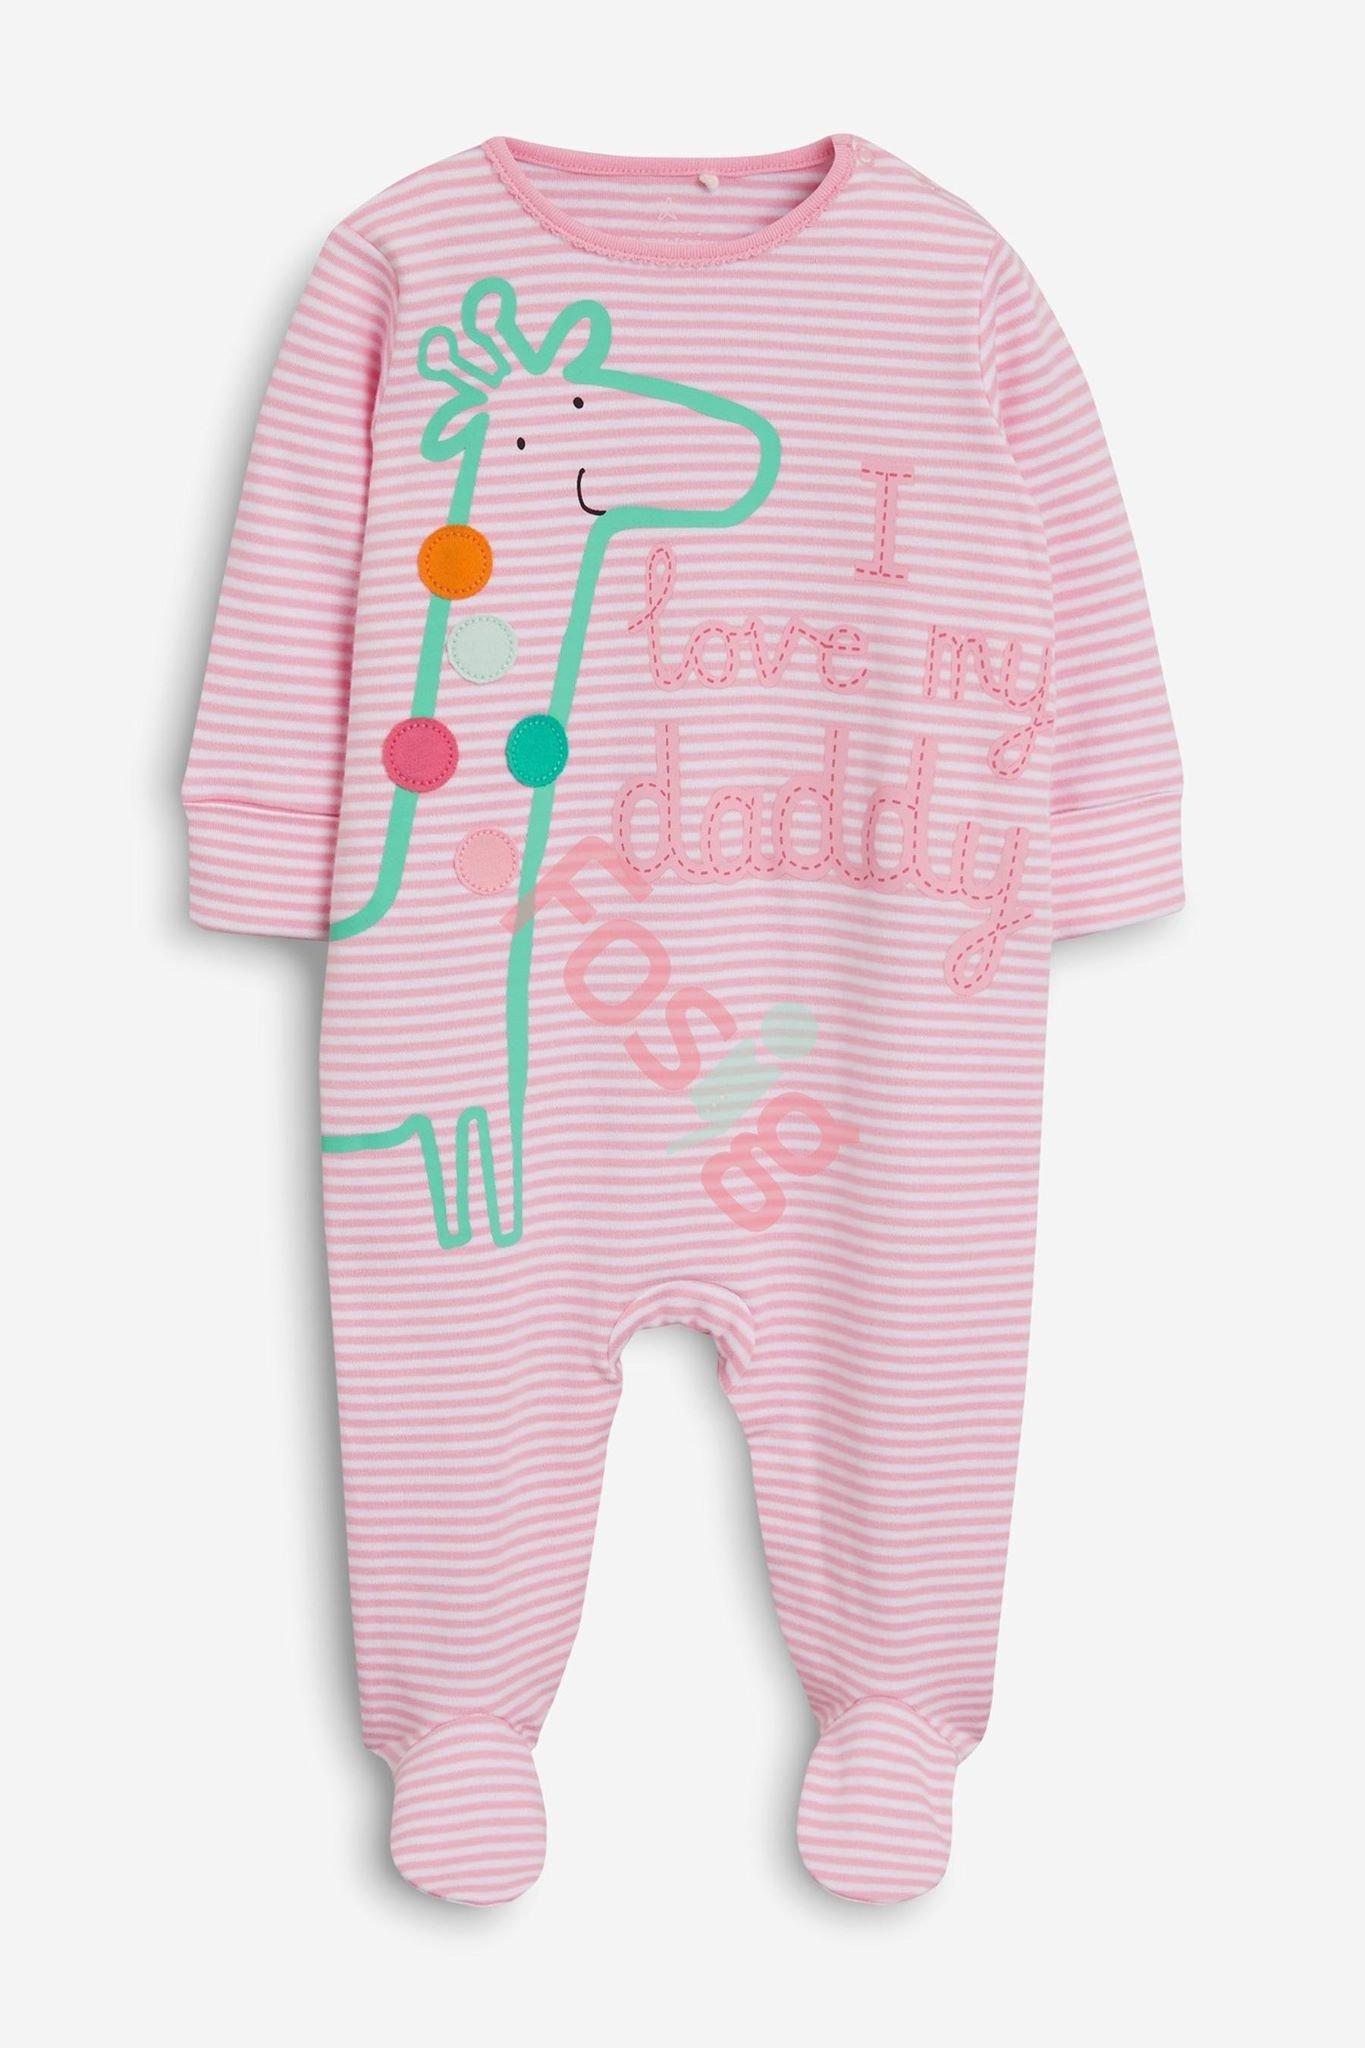 [3-5kg] Sleepsuit Next Baby 73 [Girl] - Trắng/Sọc Hồng Hươu